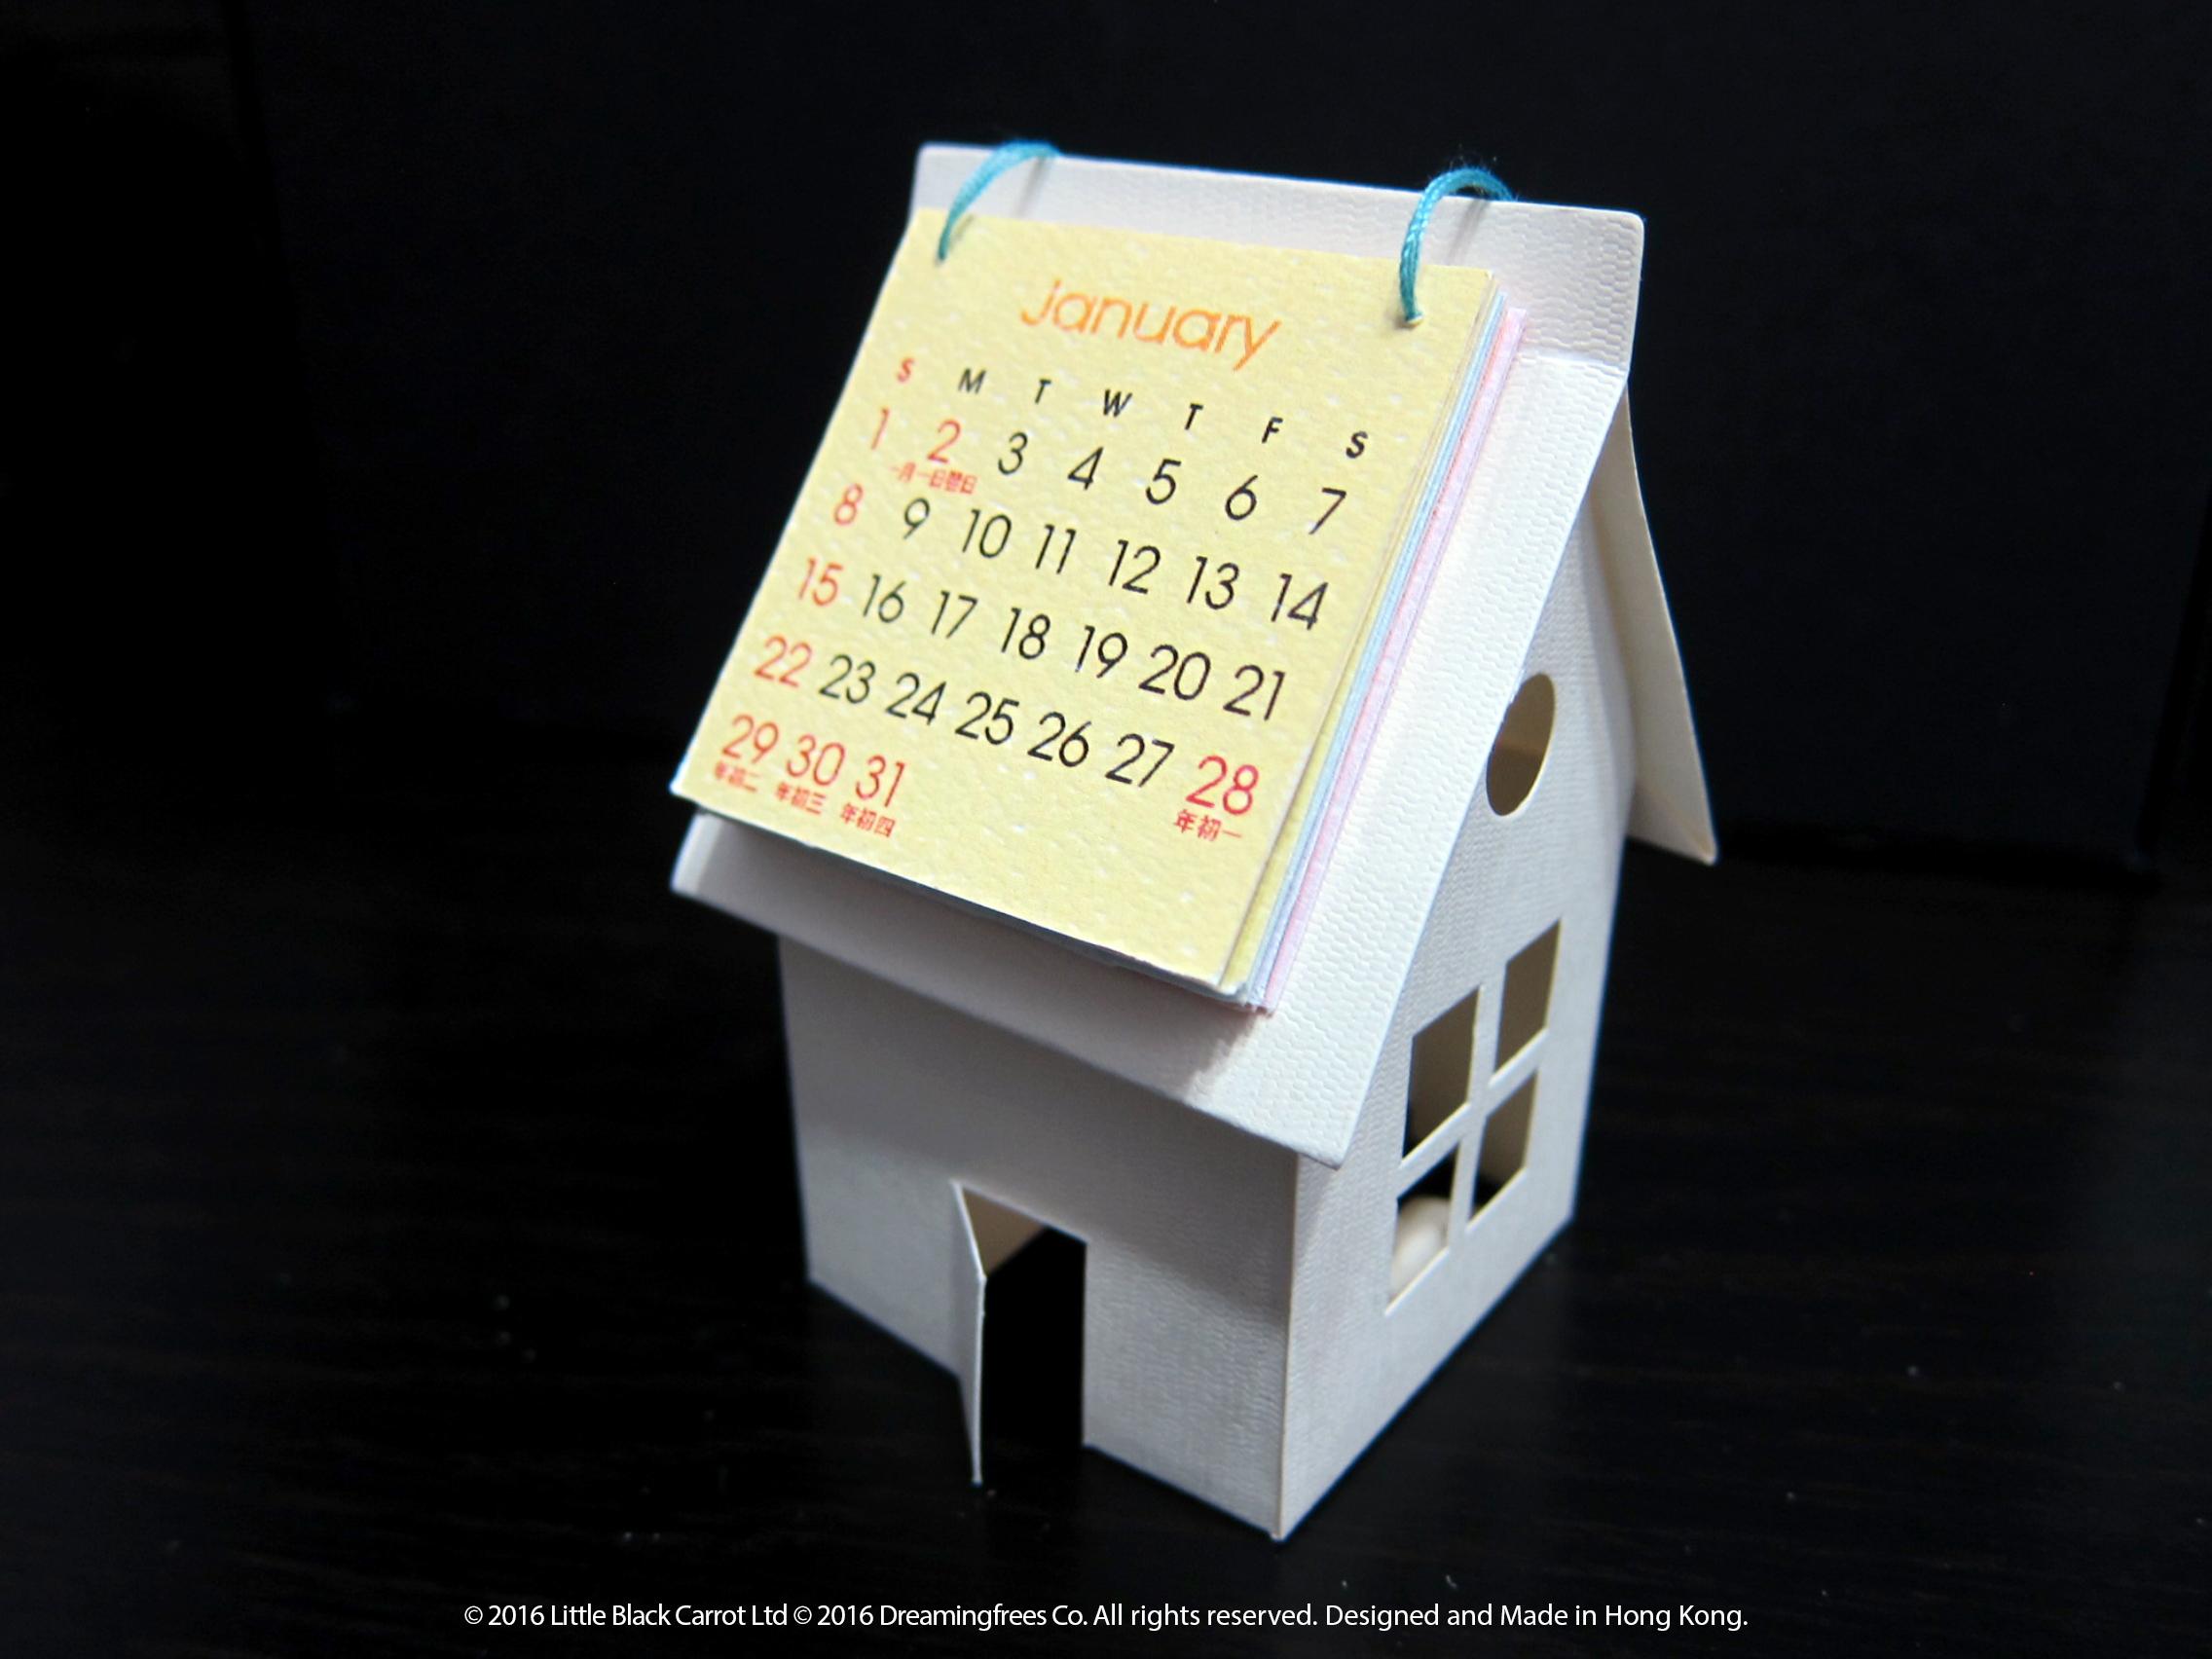 完成啦!2018年剪掉月曆部份變成裝飾品也可以